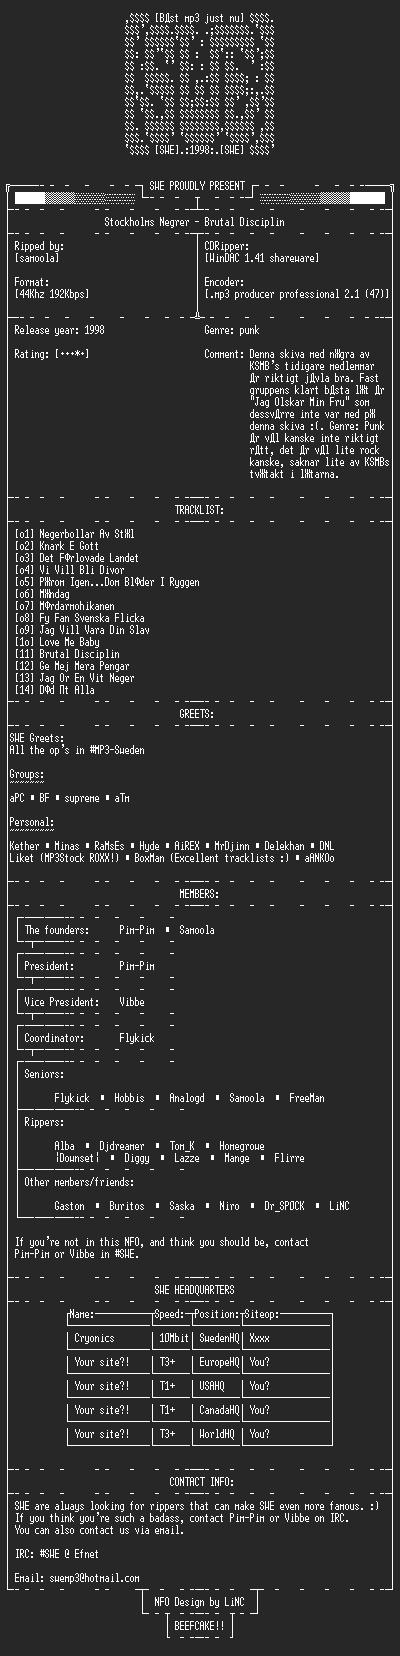 NFO file for Stockholms_Negrer-Brutal_Disciplin-SWE